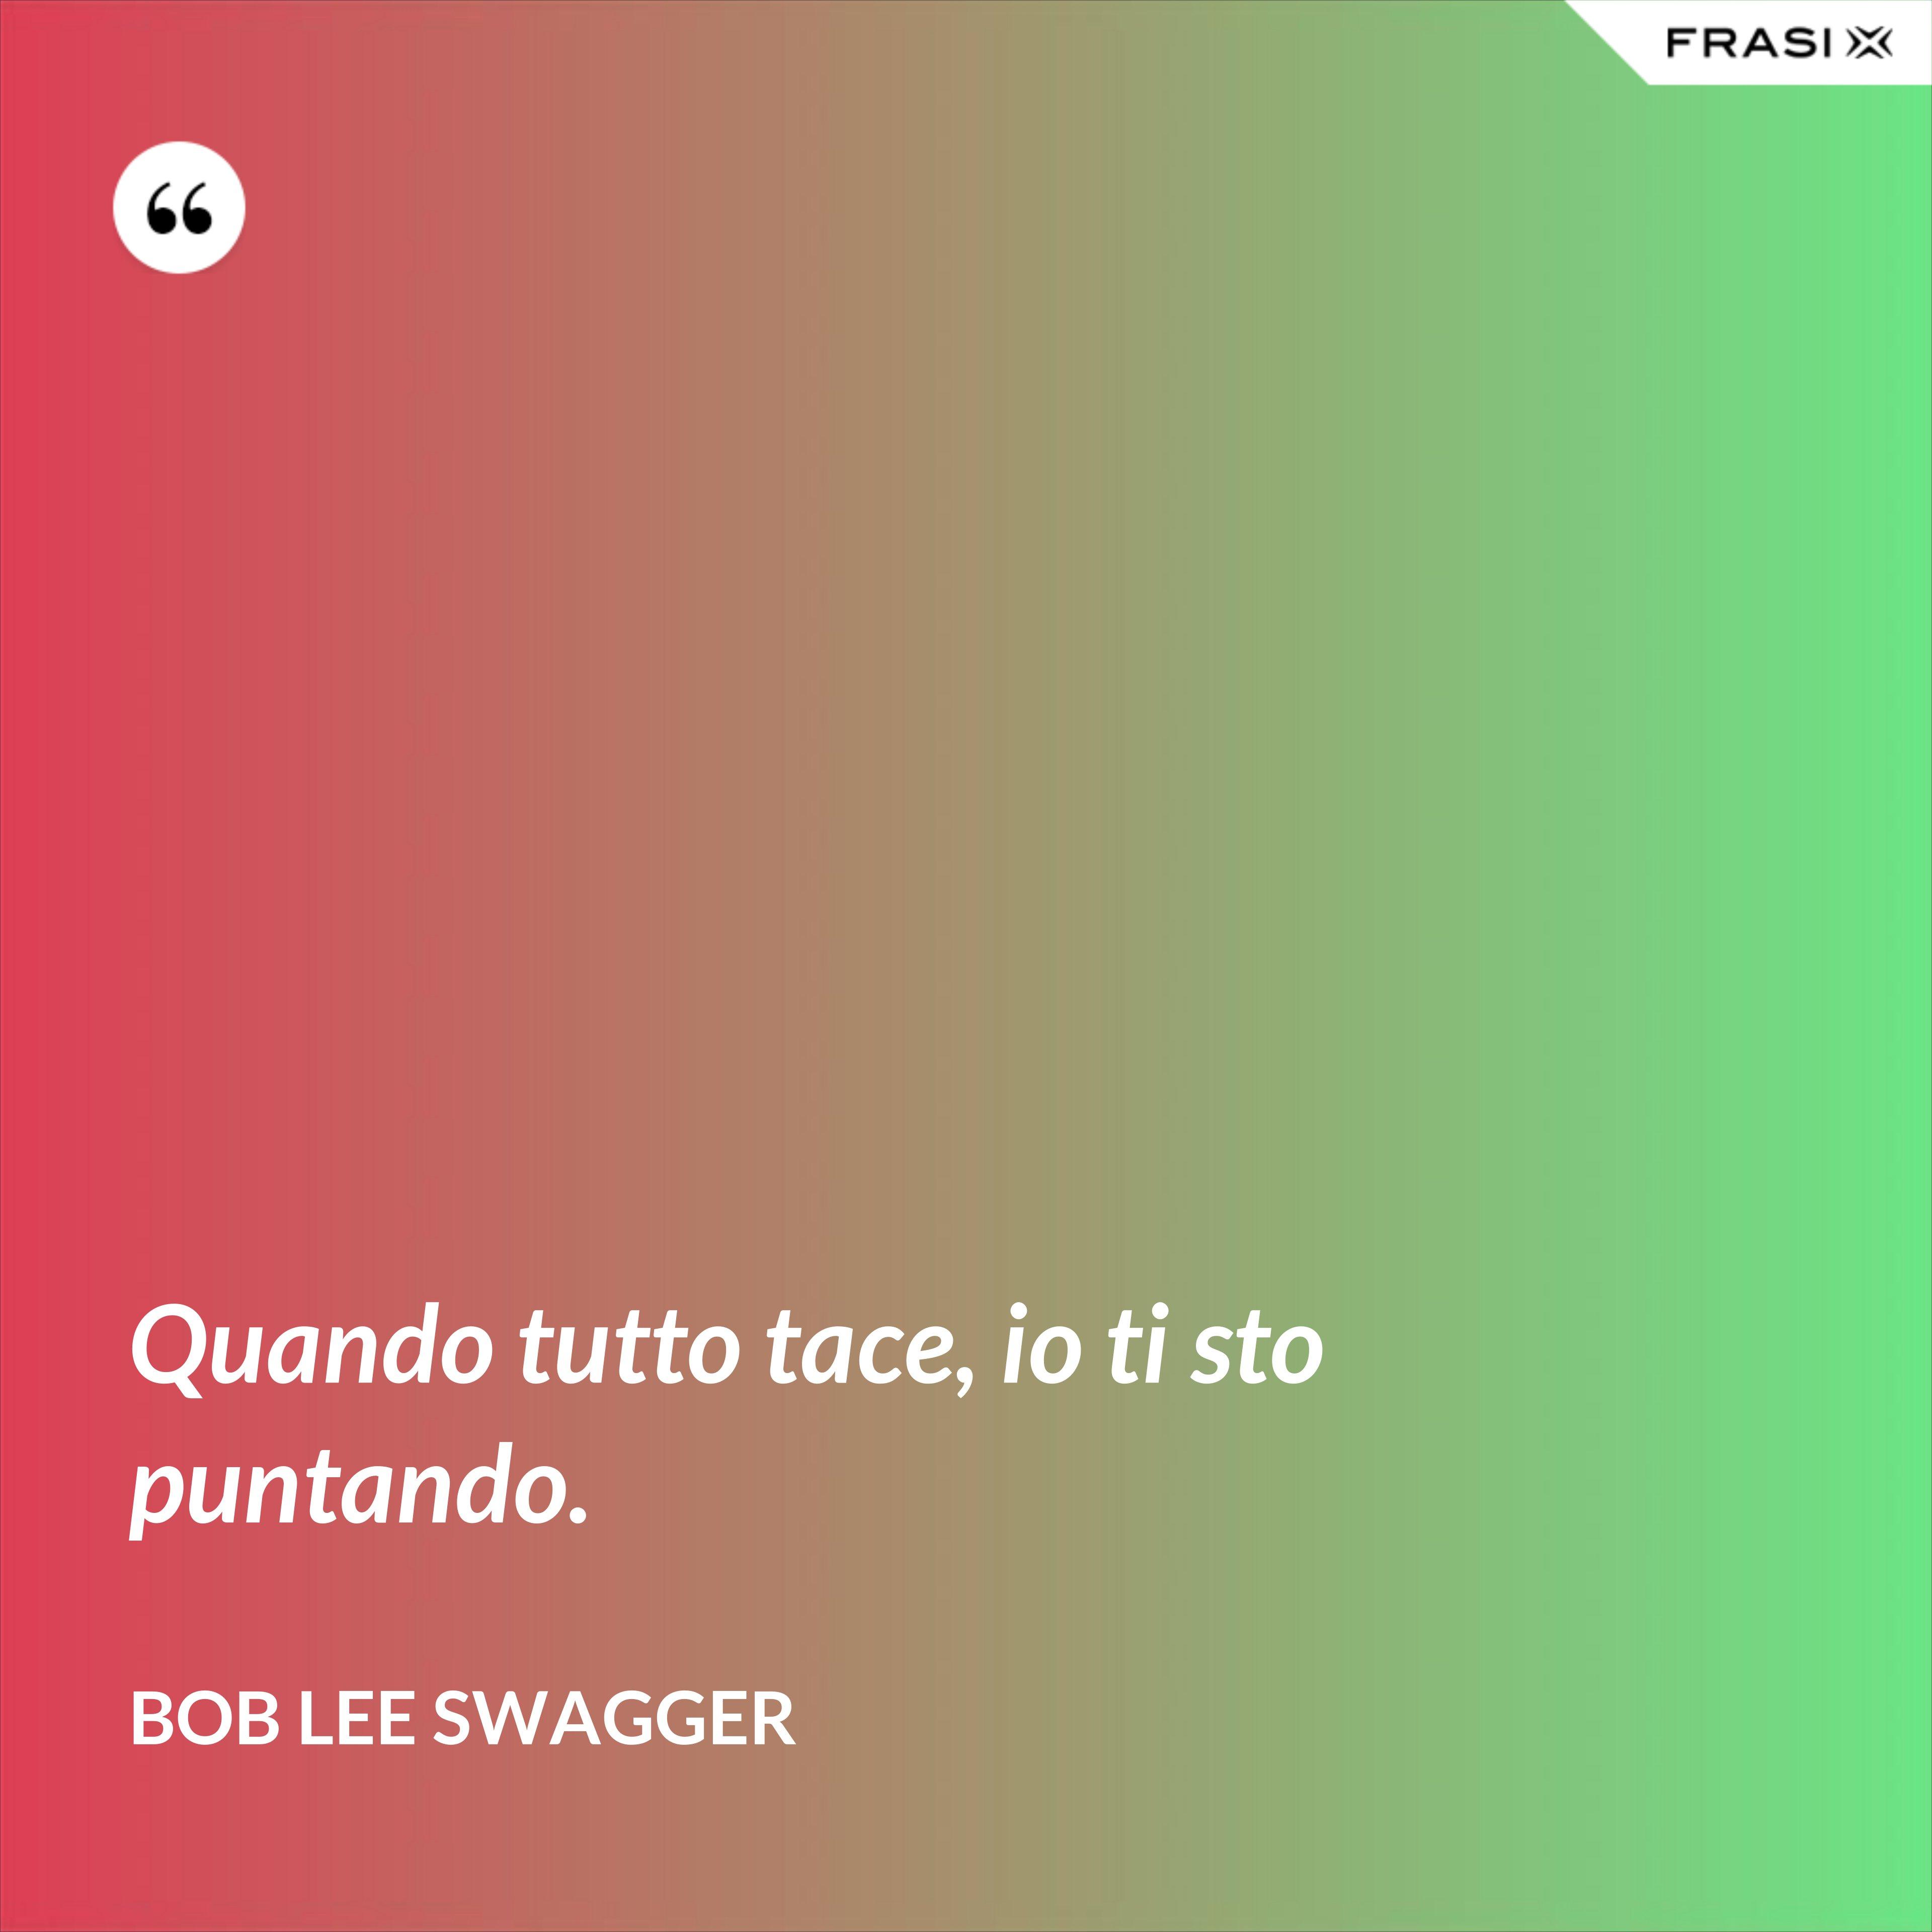 Quando tutto tace, io ti sto puntando. - Bob Lee Swagger